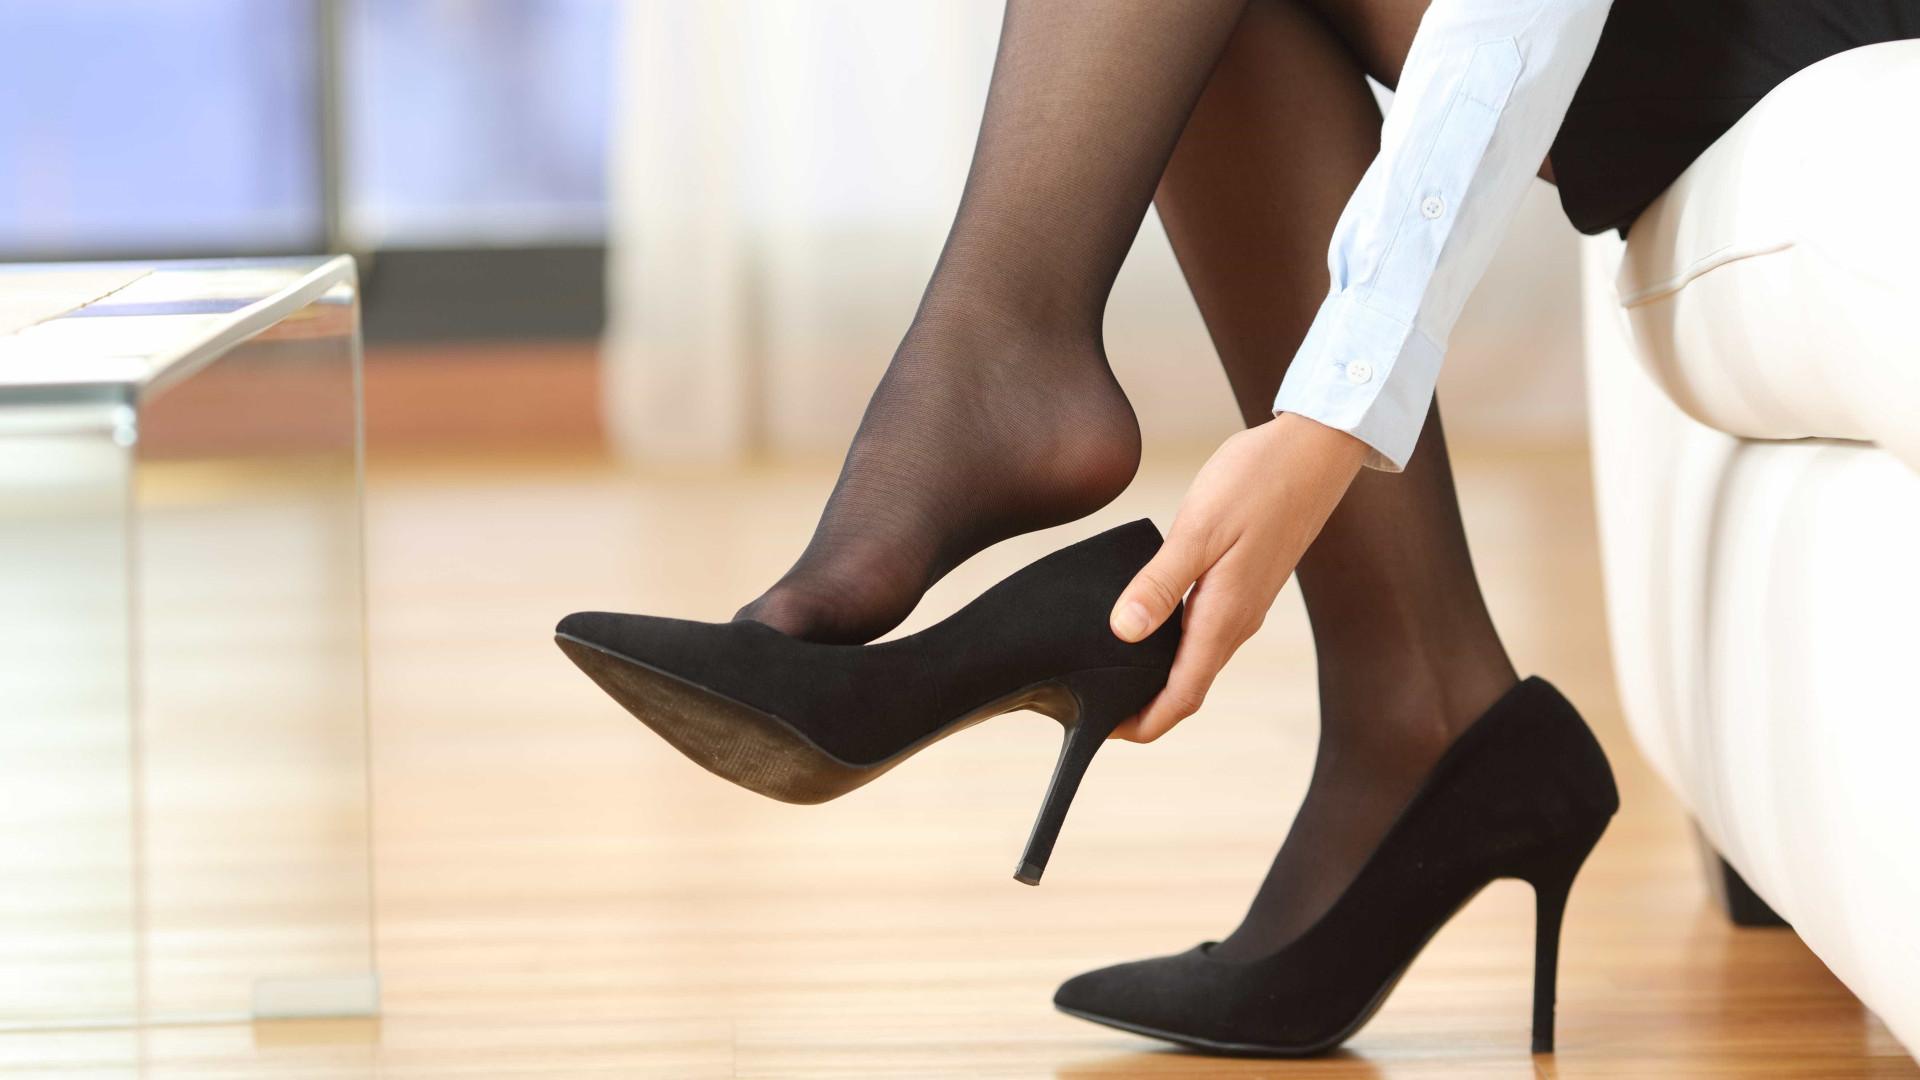 5 bons motivos para você tirar o sapato assim que entrar em casa